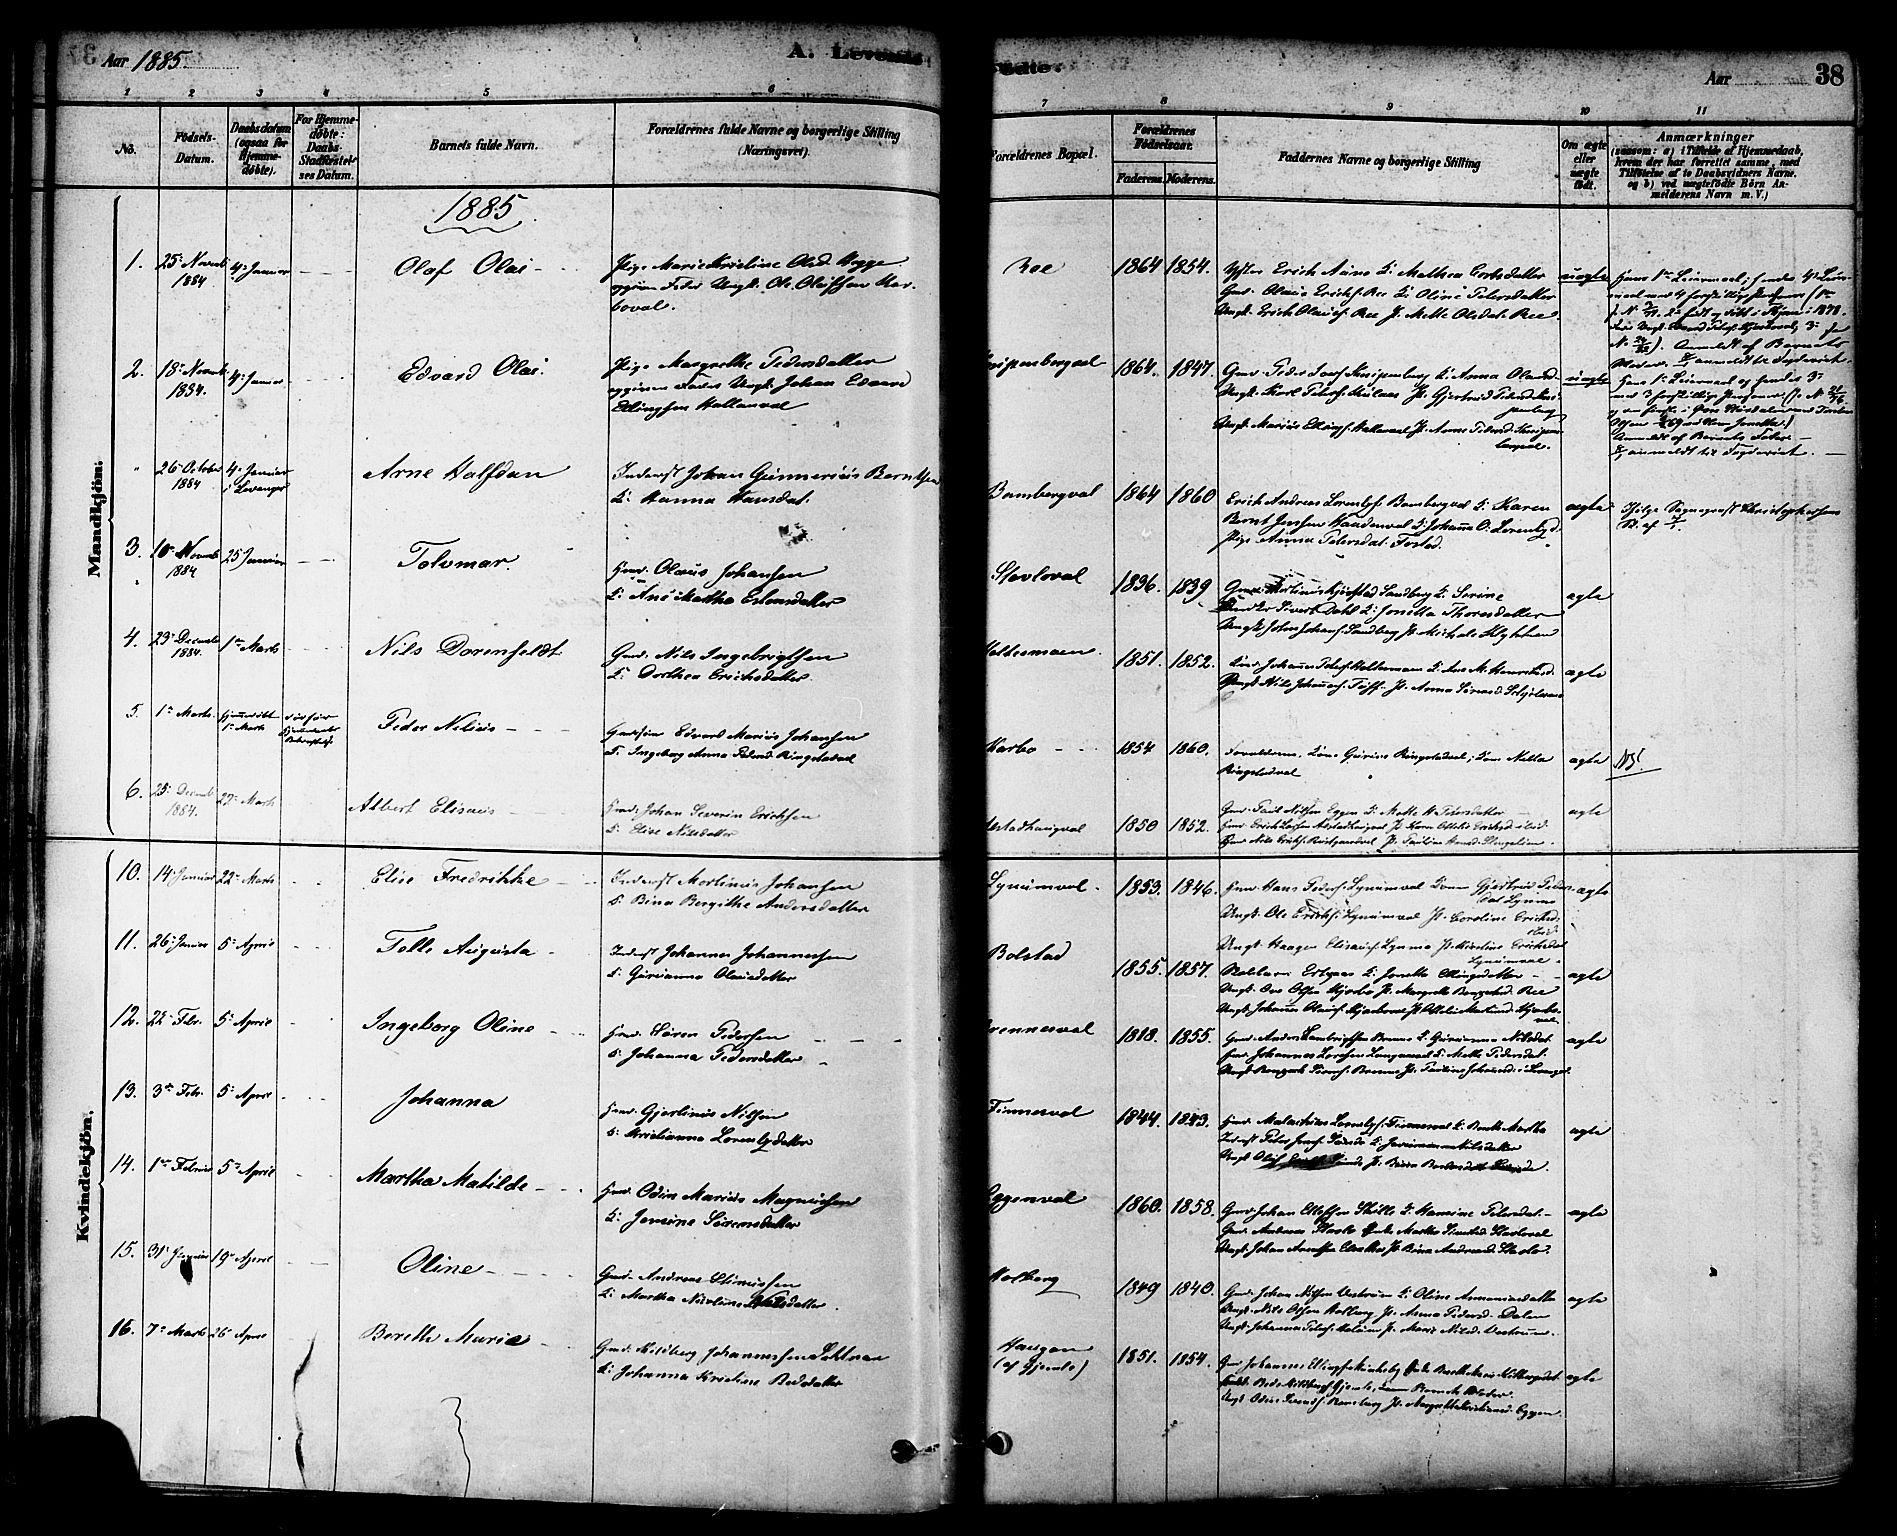 SAT, Ministerialprotokoller, klokkerbøker og fødselsregistre - Nord-Trøndelag, 717/L0159: Ministerialbok nr. 717A09, 1878-1898, s. 38